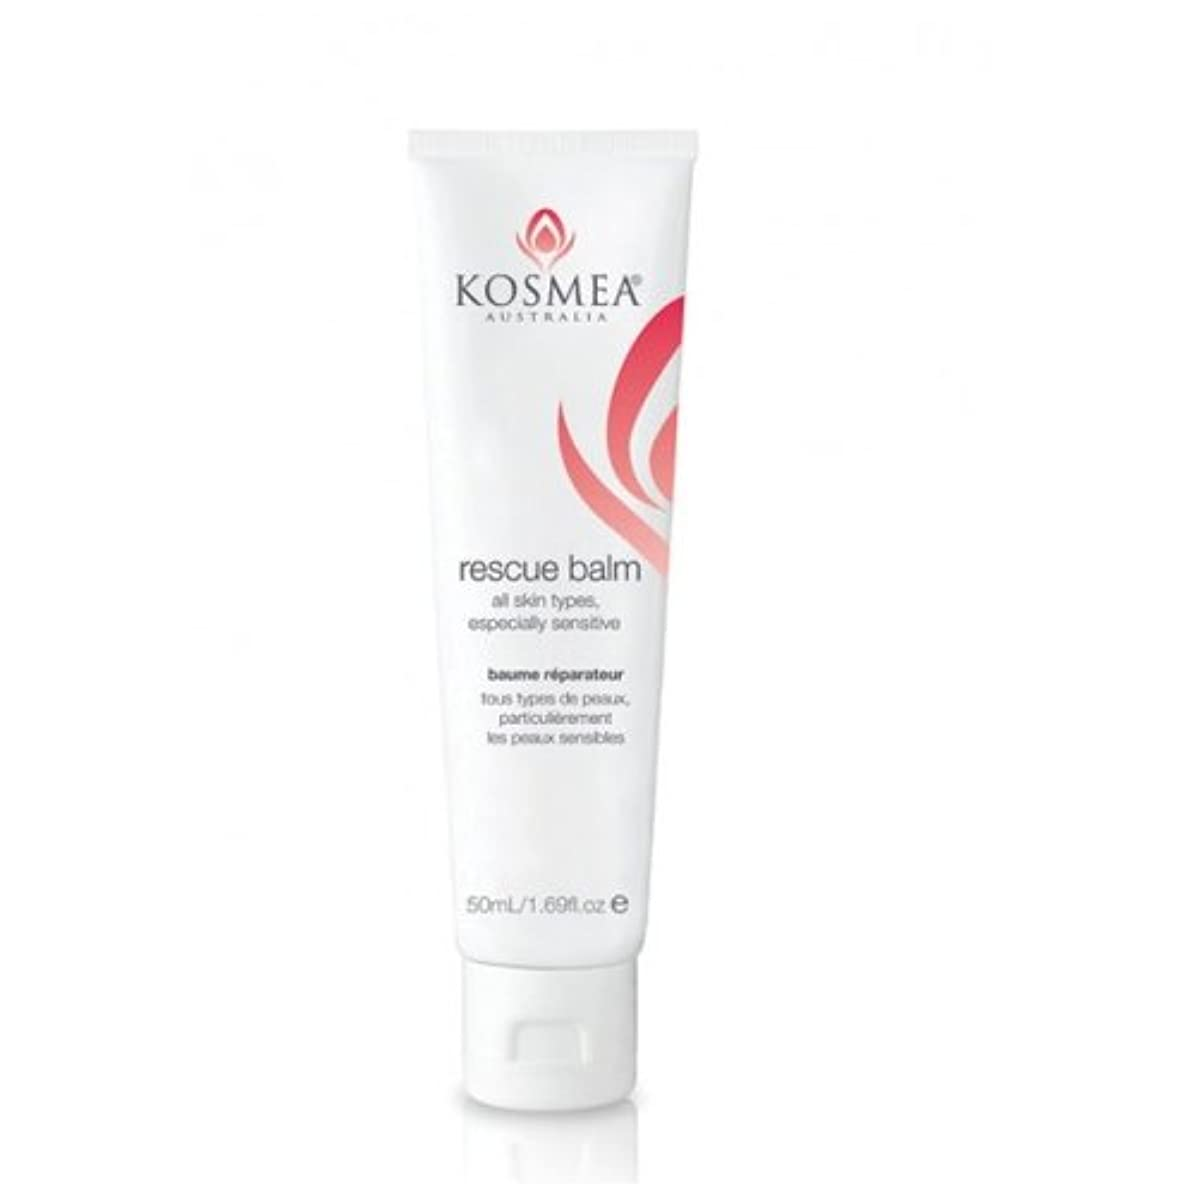 値十分に鼻【KOSMEA】Skin Clinic TM Rescue Balm コスメア レスキューバーム 50ml 3個セット【並行輸入品】【海外直送品】